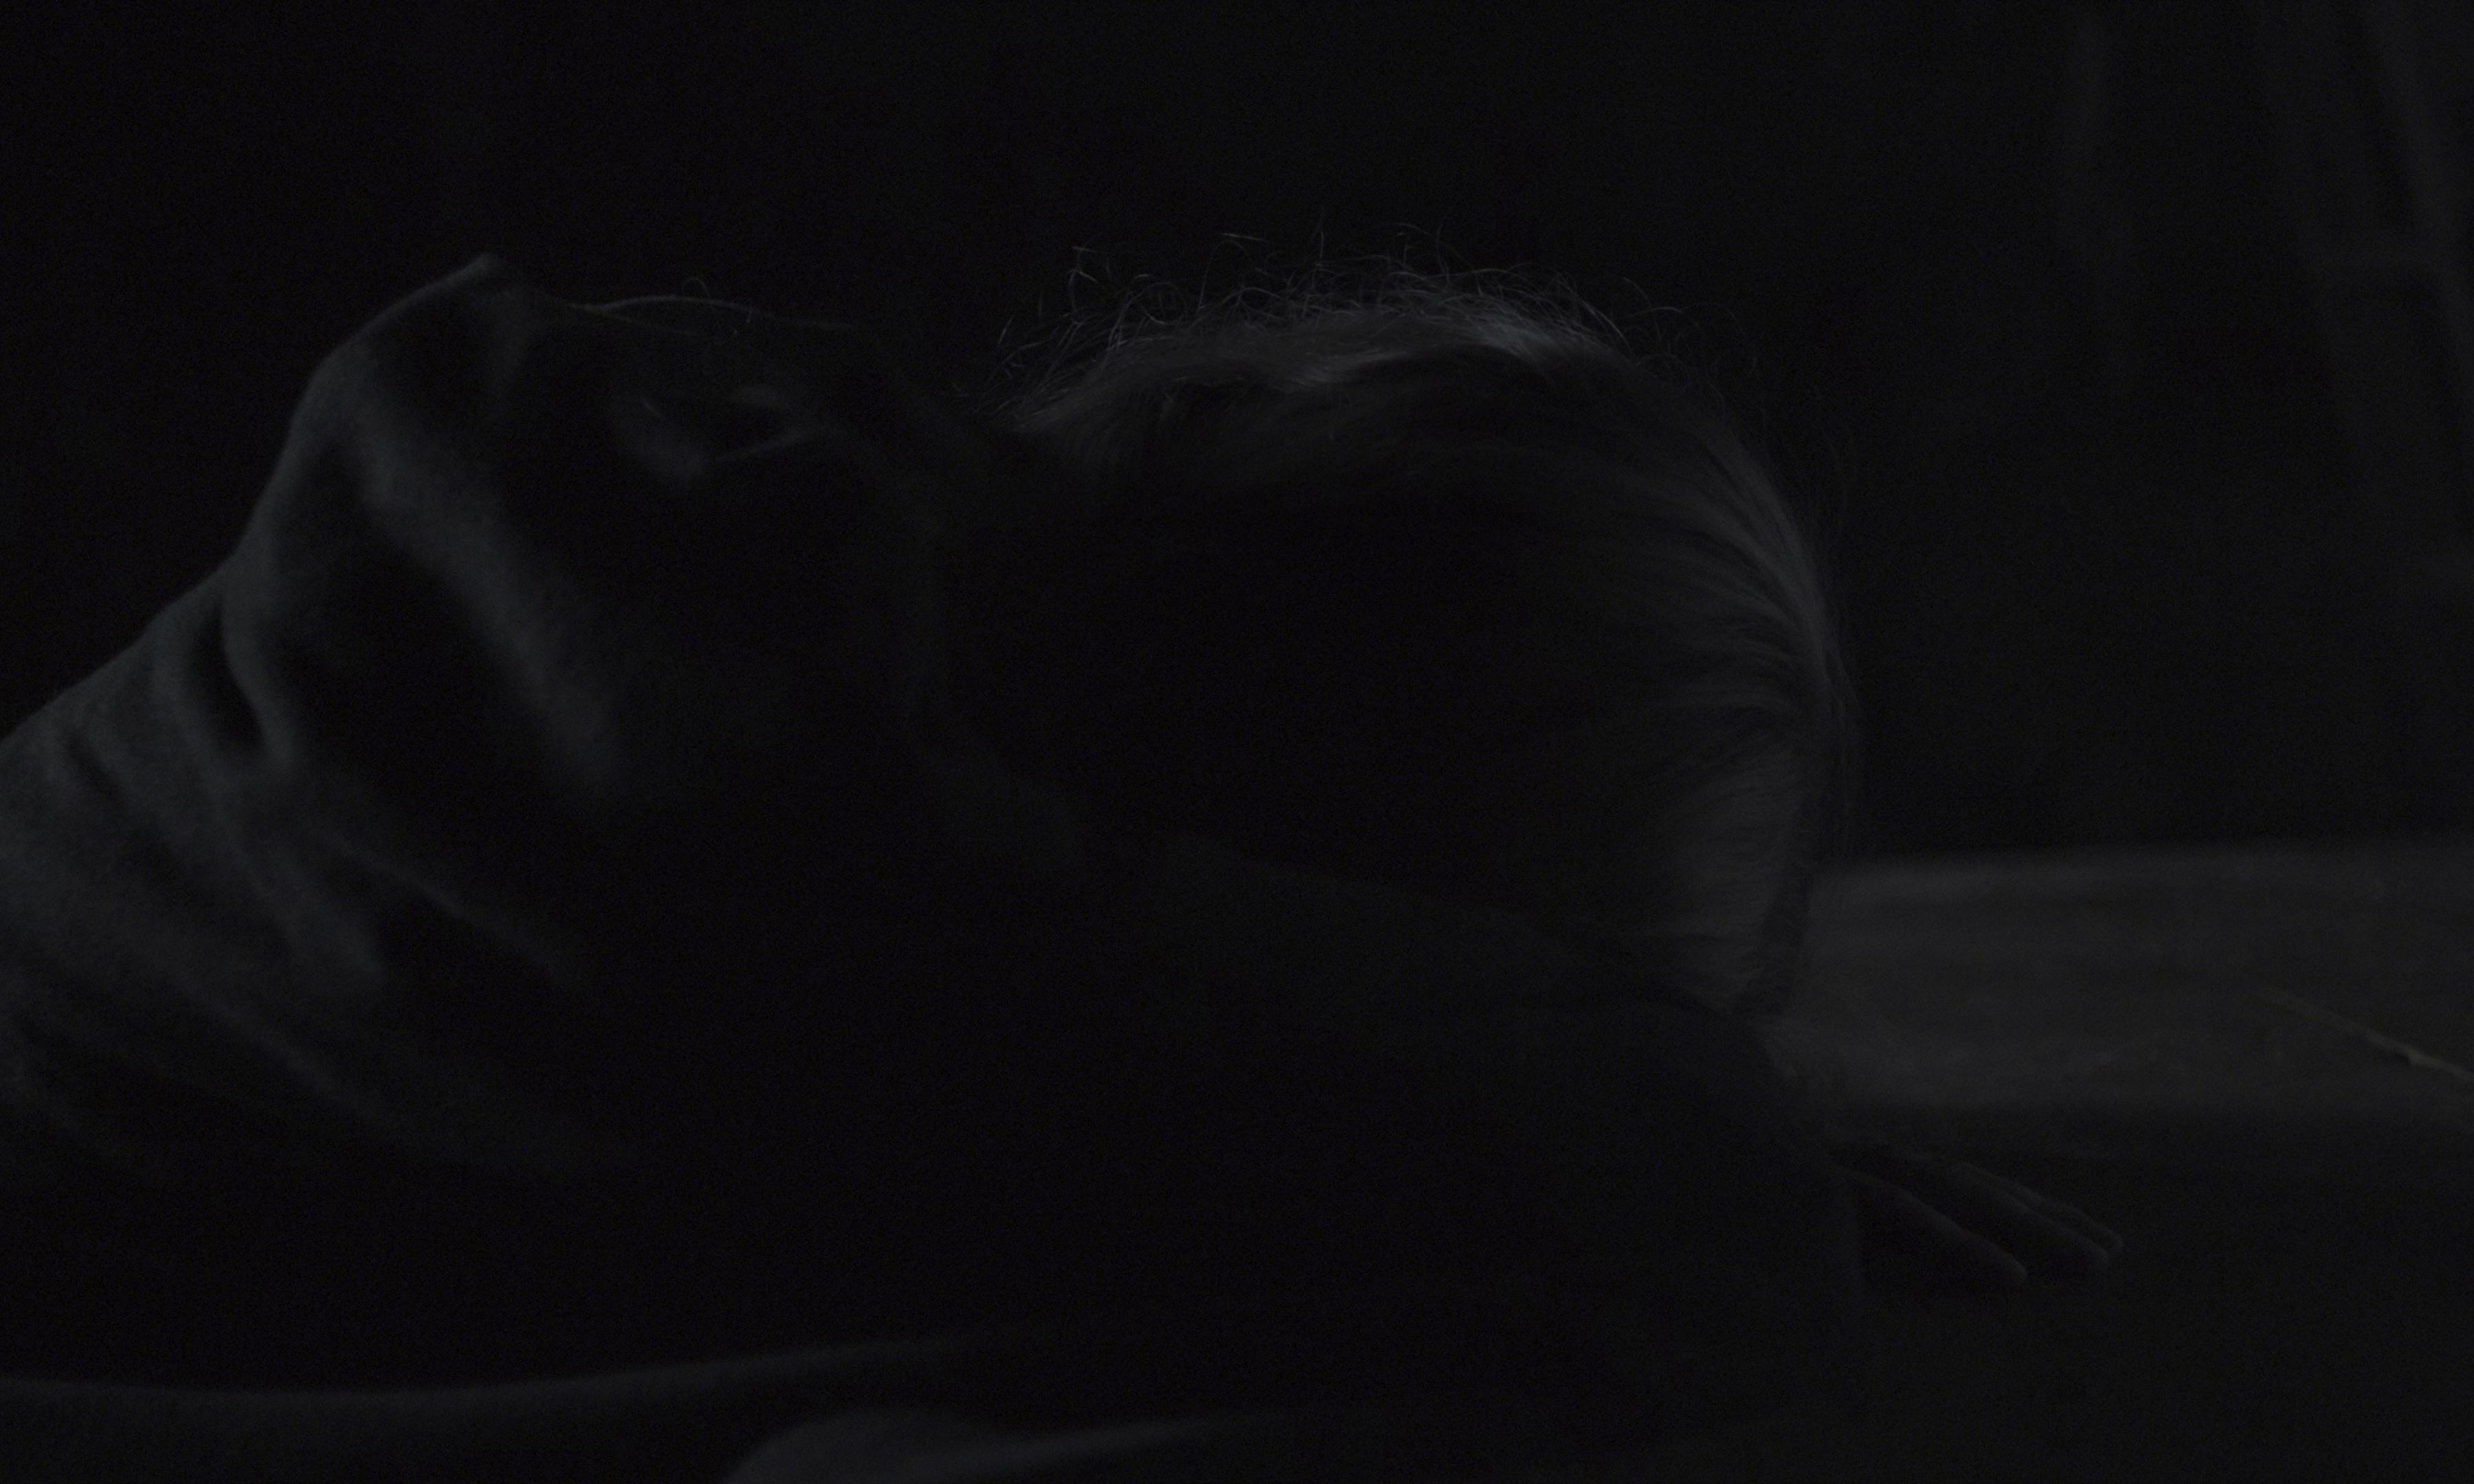 悠悠MP4_MP4电影下载_[女巫][BD-MKV/17.46GB][简繁字幕][4K-2160P][H265编码][恐怖,宗教,惊悚,美国,女巫,悬疑,灵异]